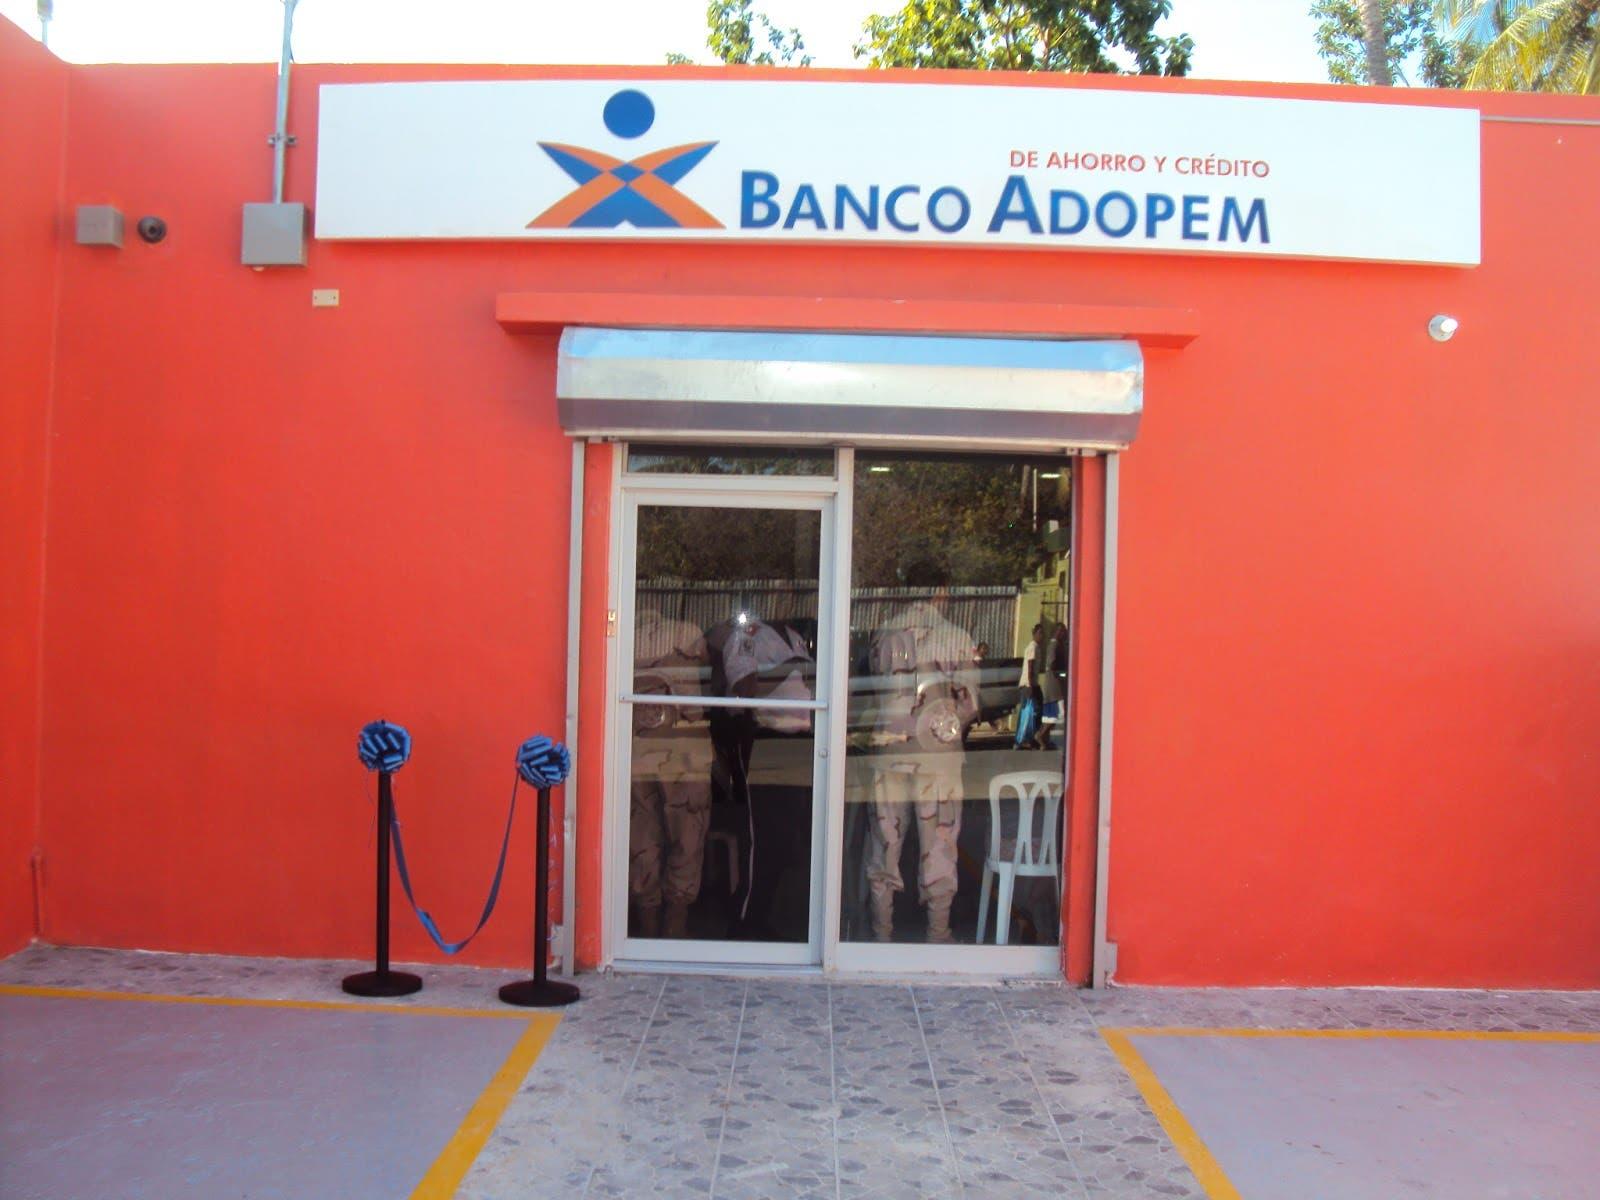 Activos del Banco Adopem crecieron 12% en 2017